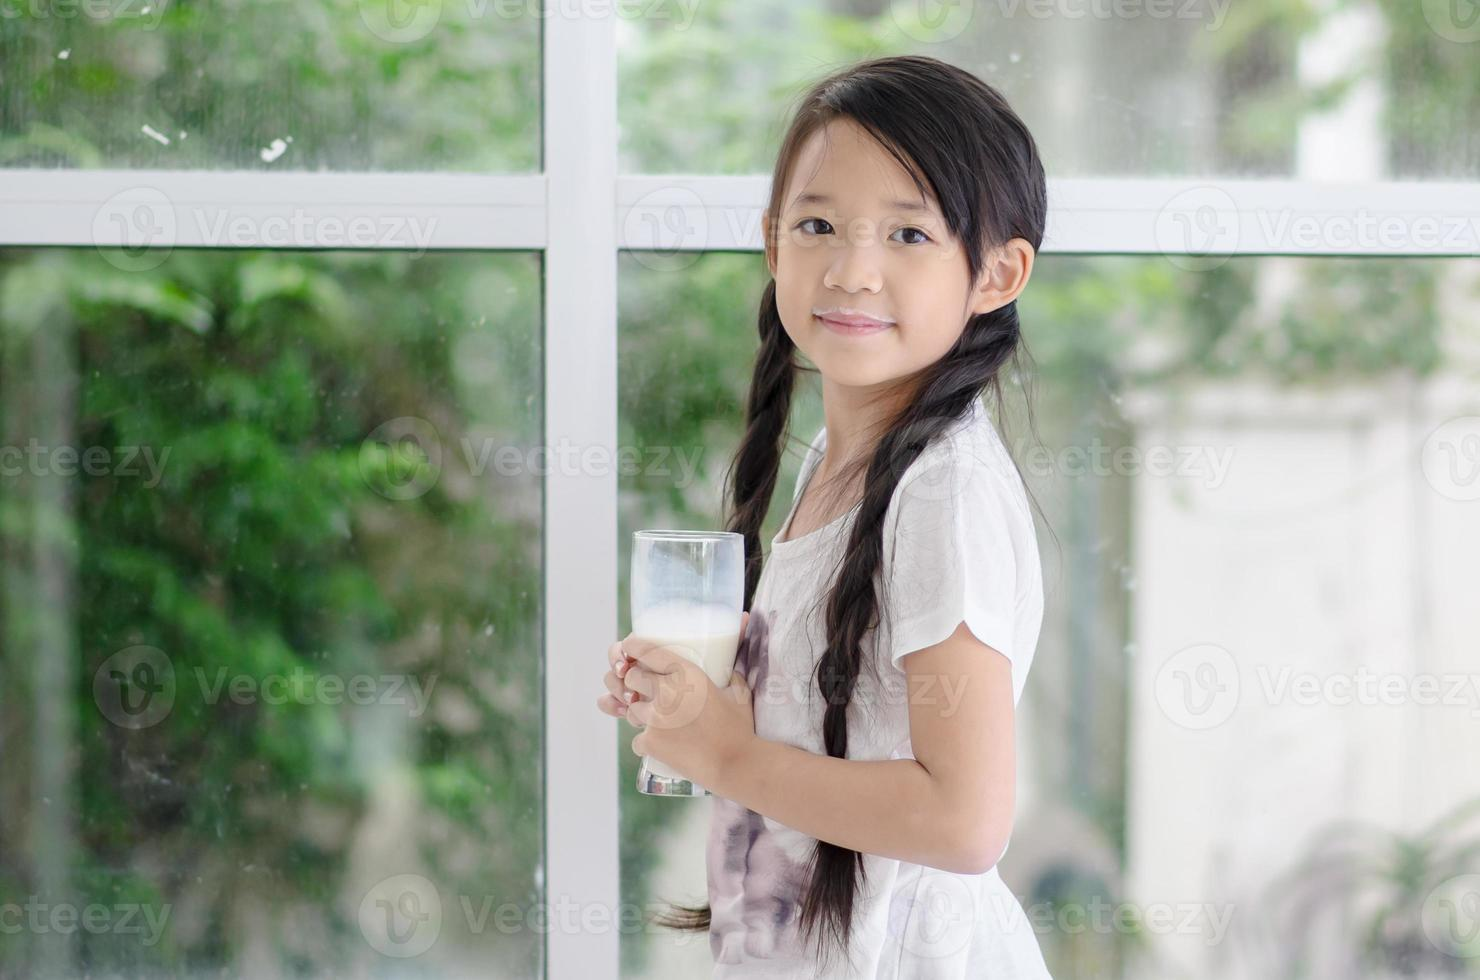 piccola ragazza asiatica che beve latte foto